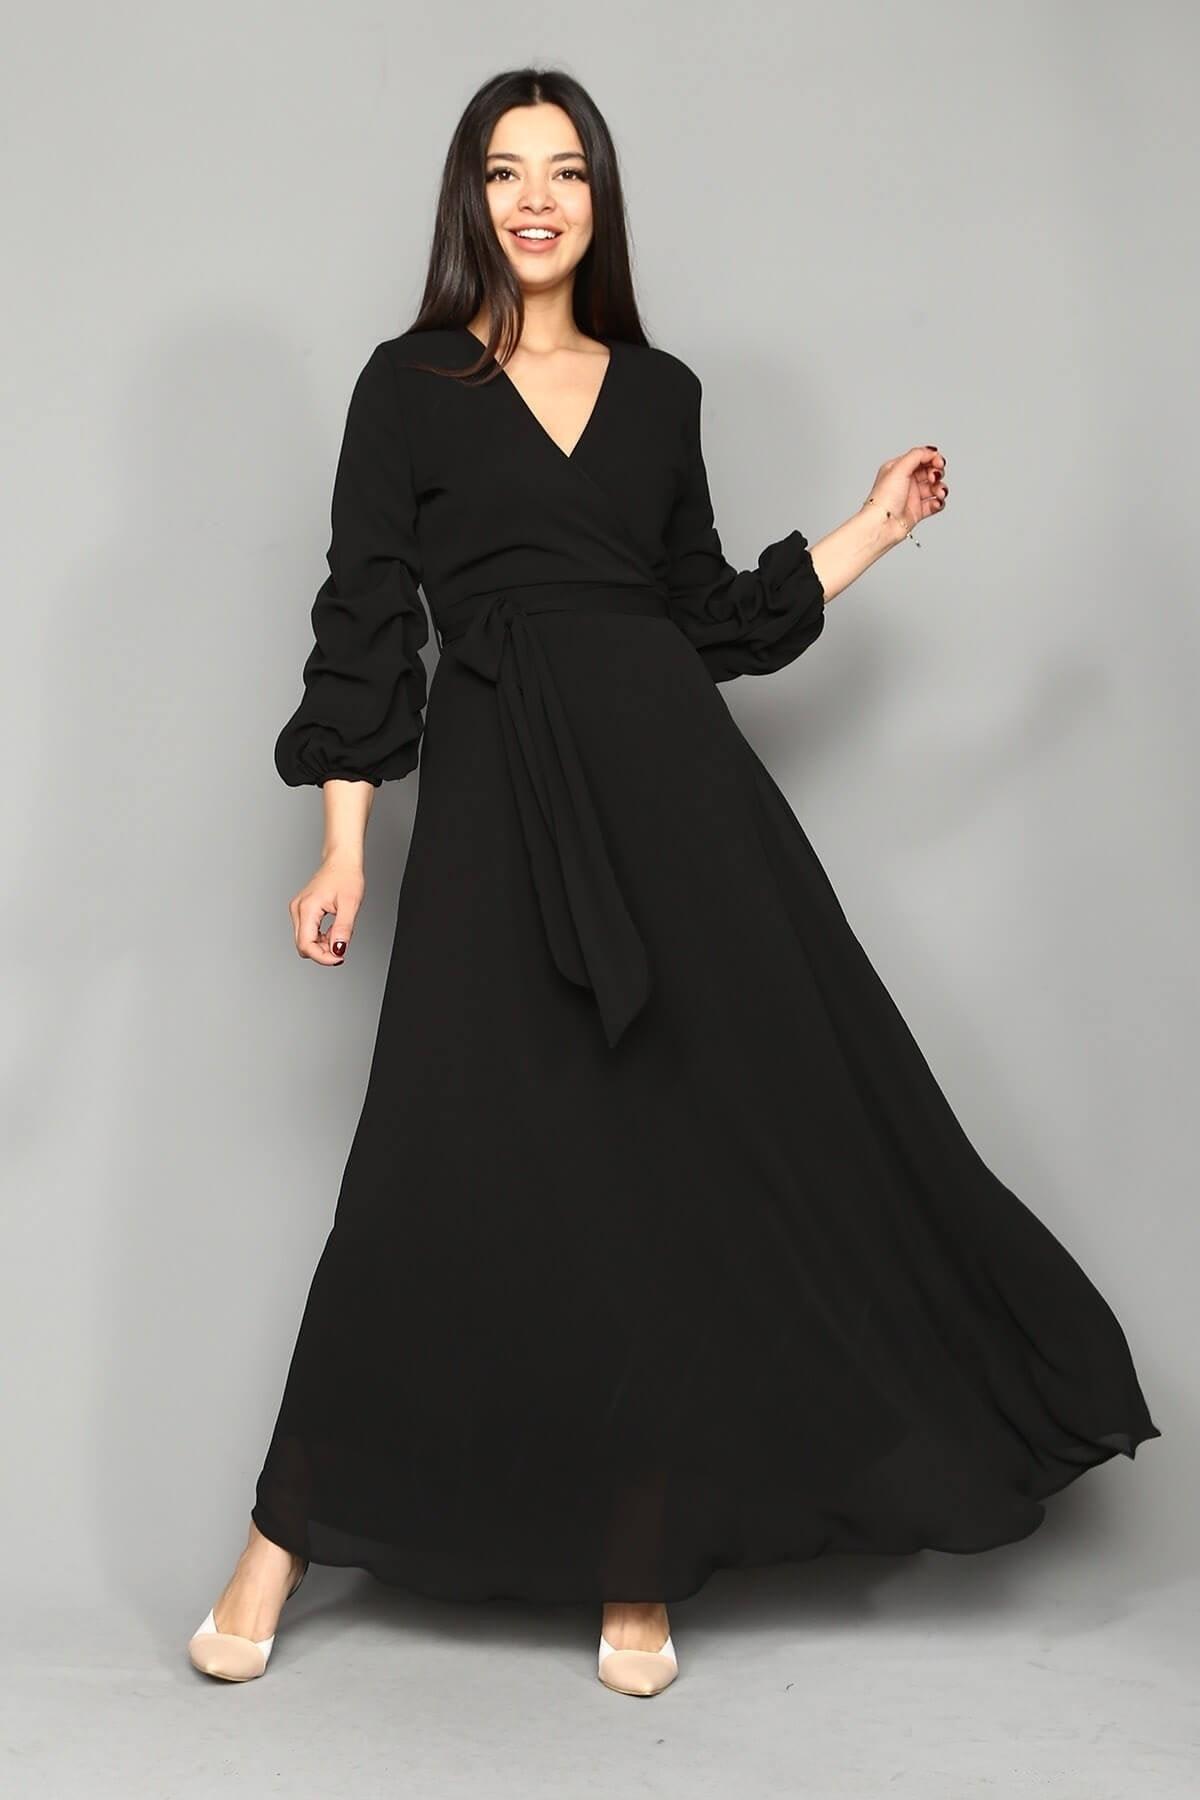 Modakapimda Siyah Kolları Büzgülü Uzun Şifon Elbise 1